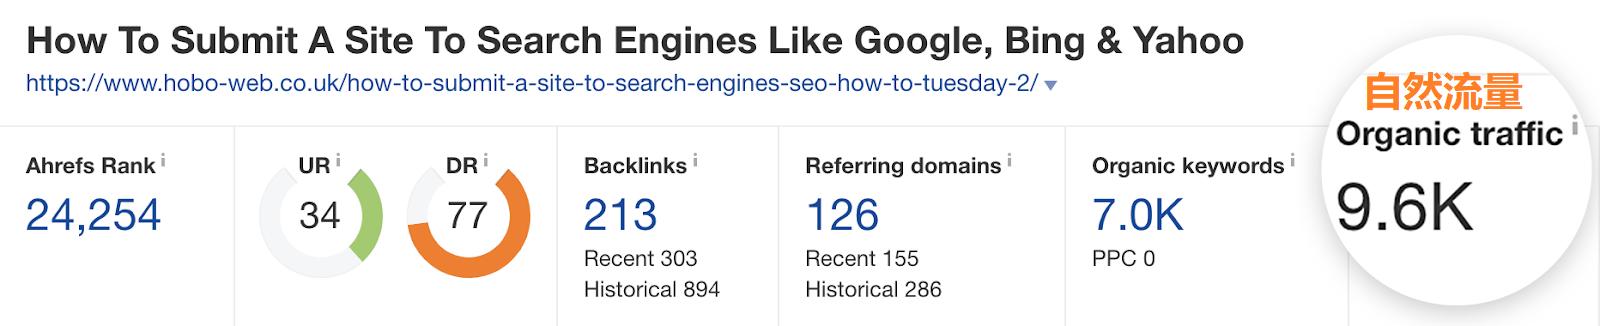 提交至搜索引擎关键词流量